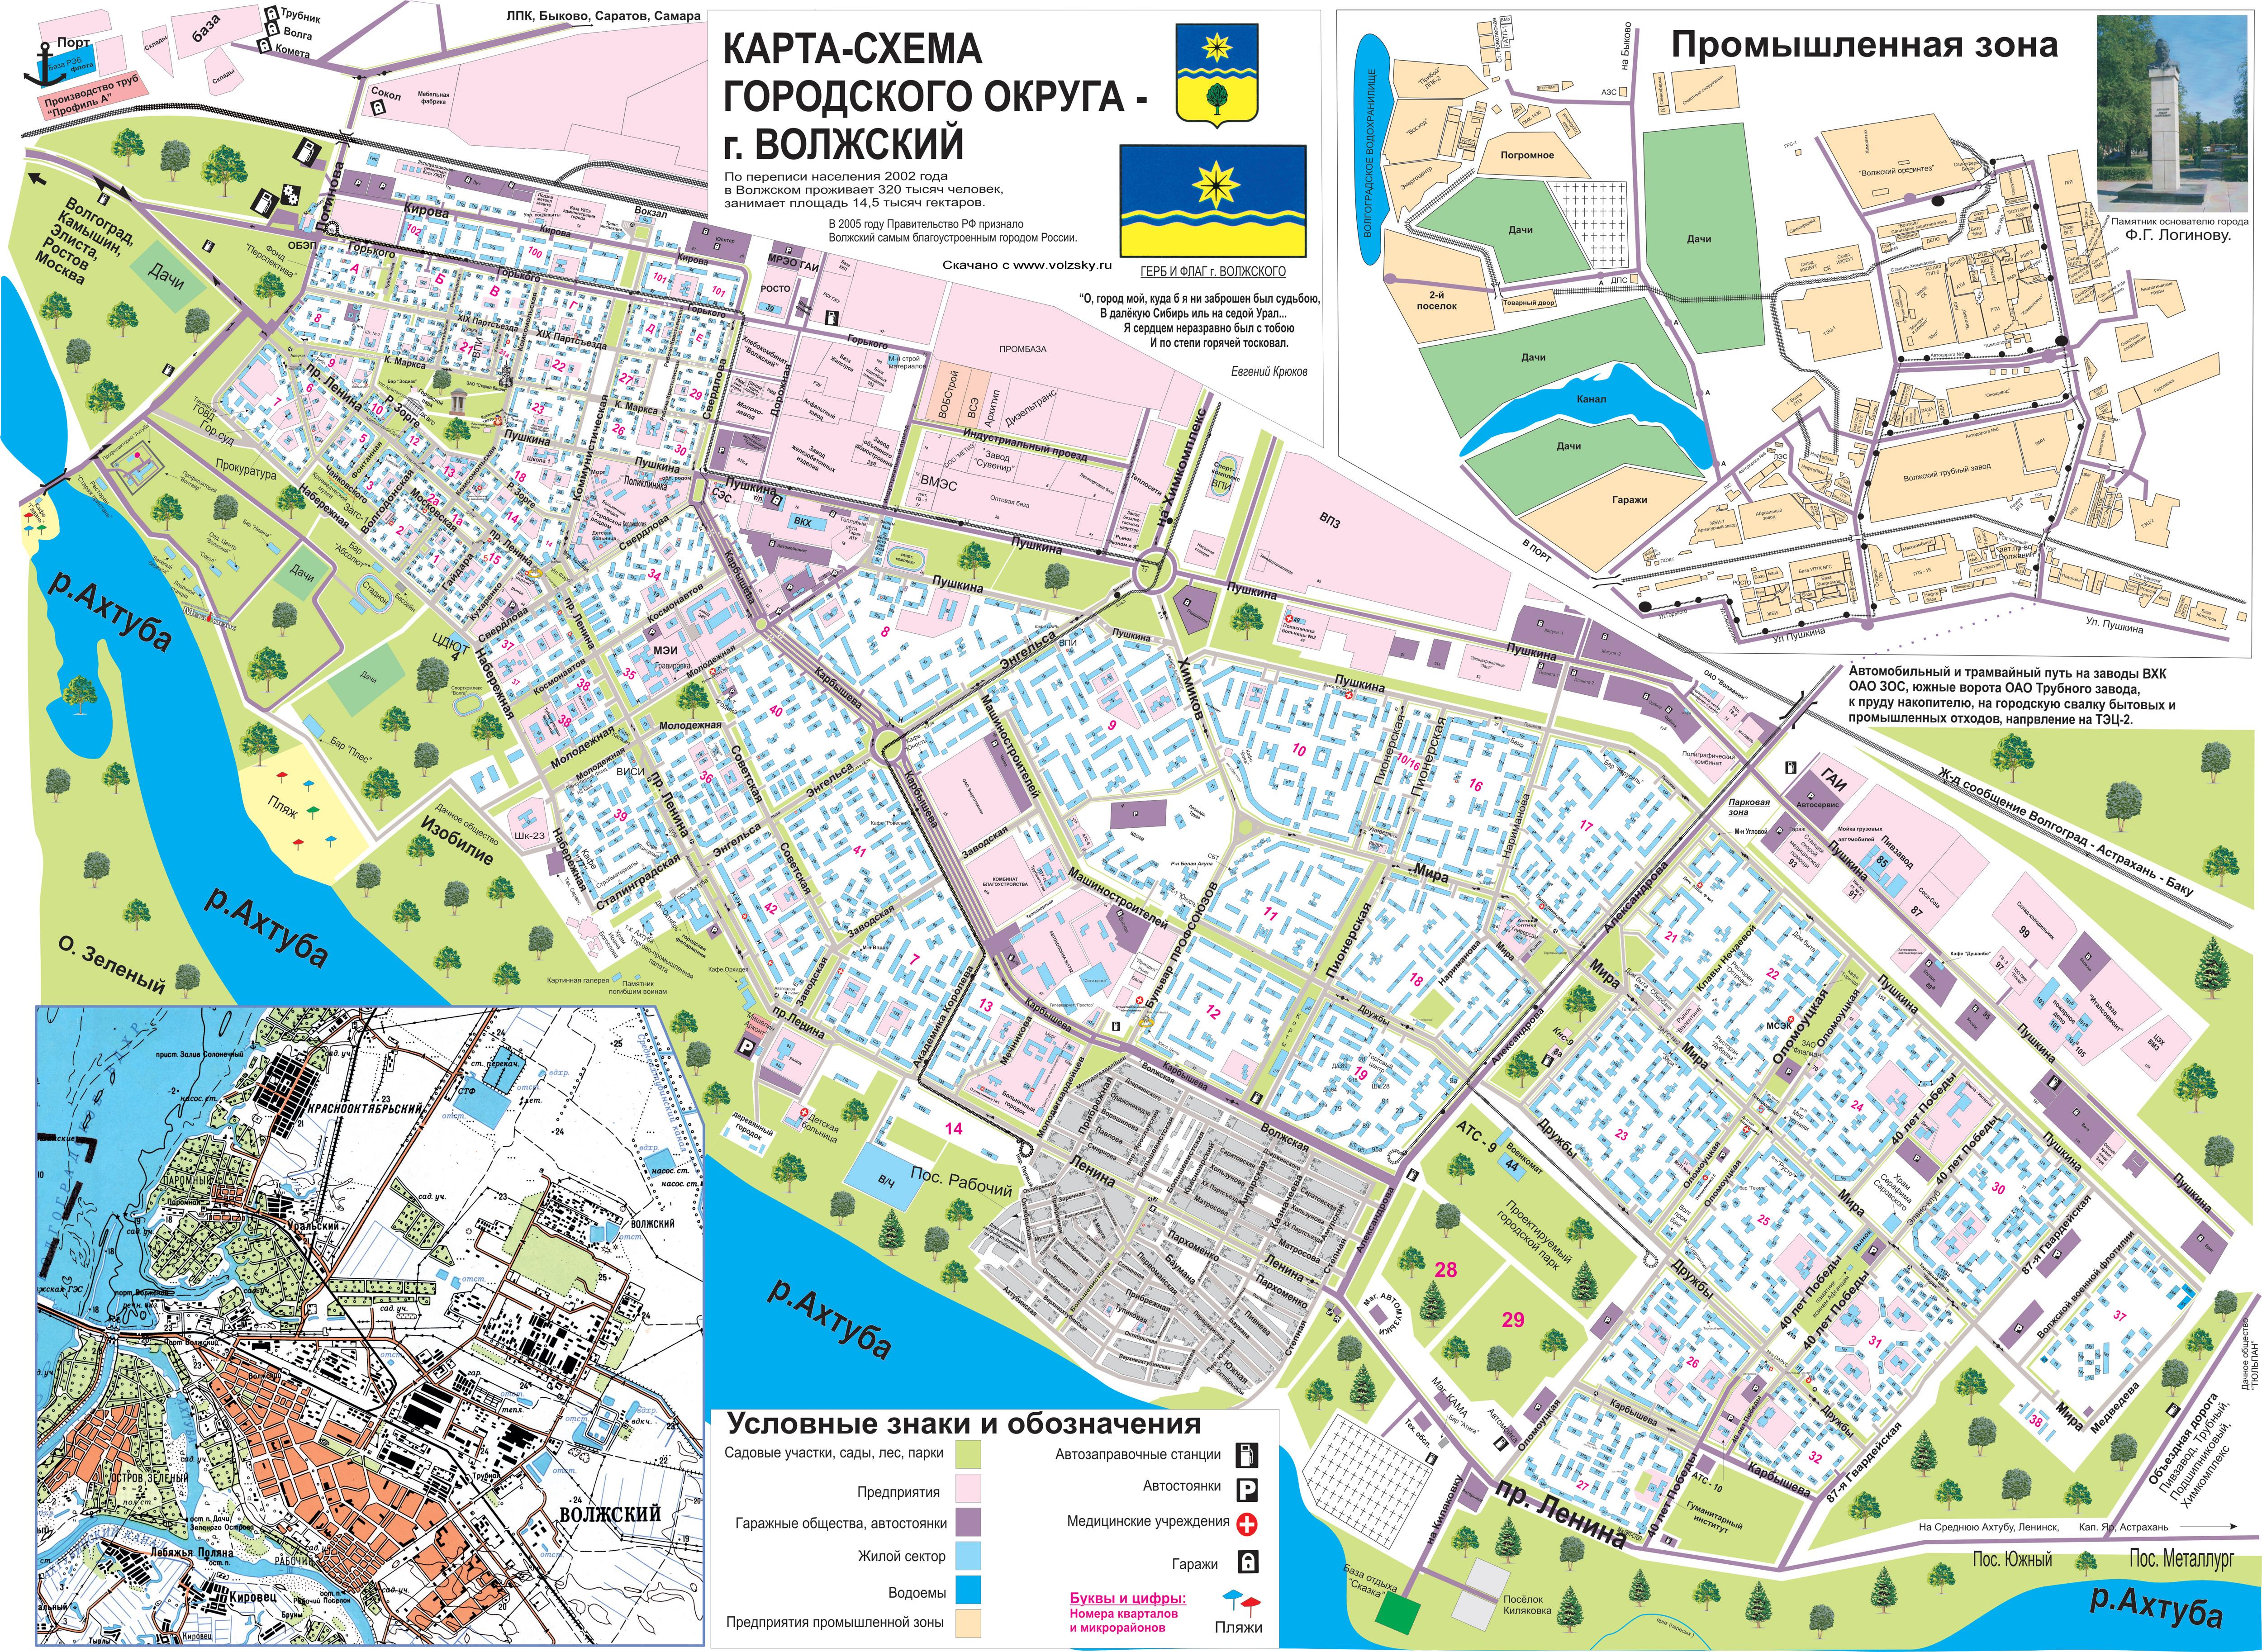 Карта схема г волжского